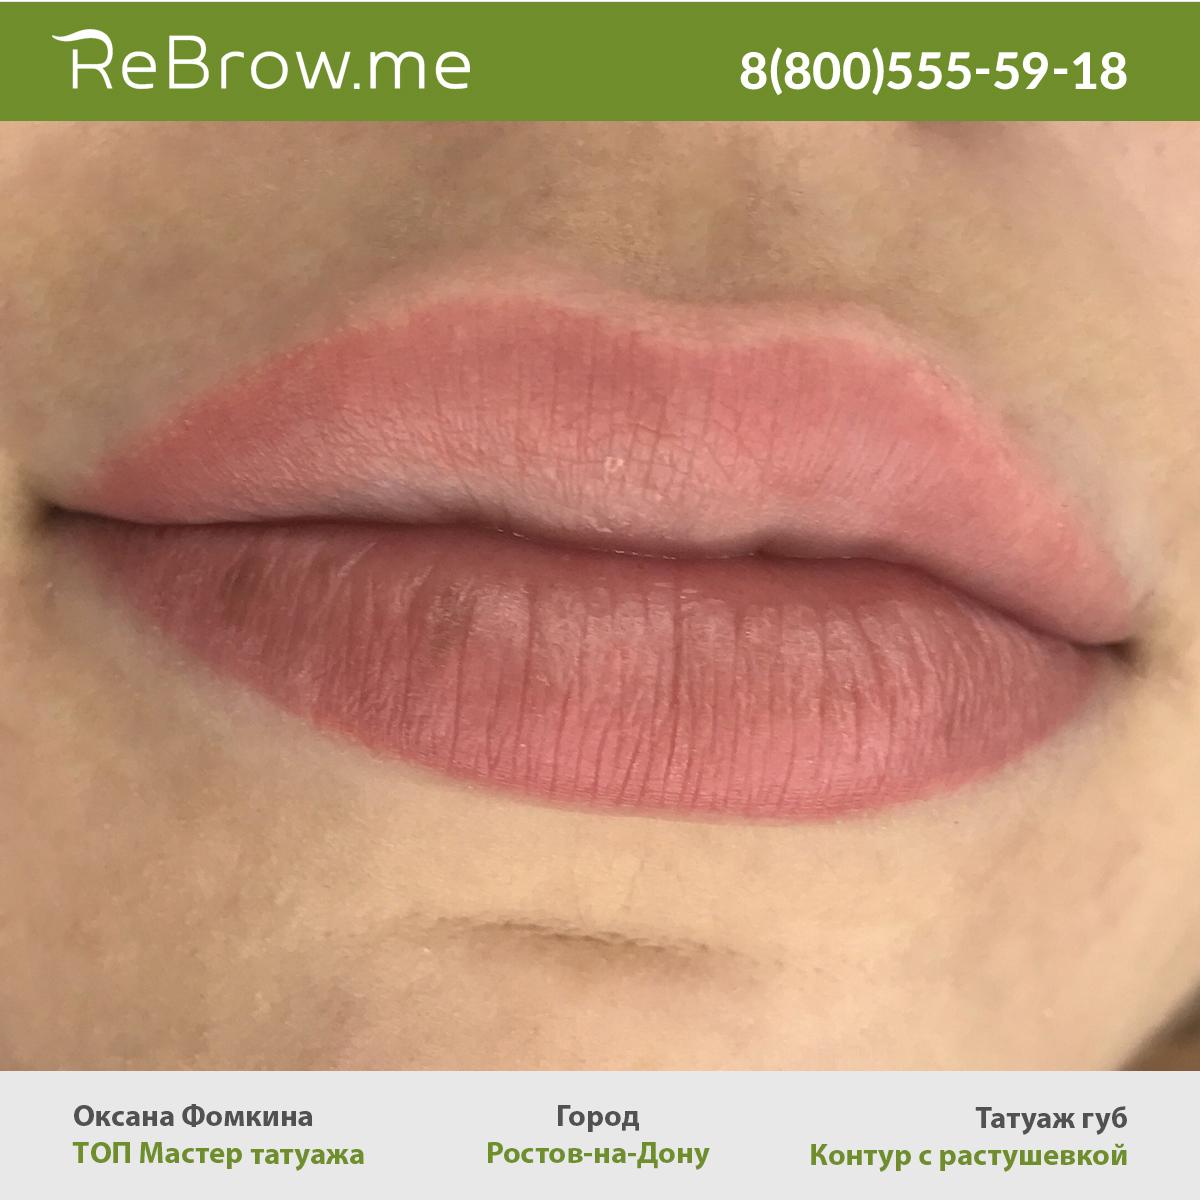 татуаж губ виды фото опытному цветоводу ясно